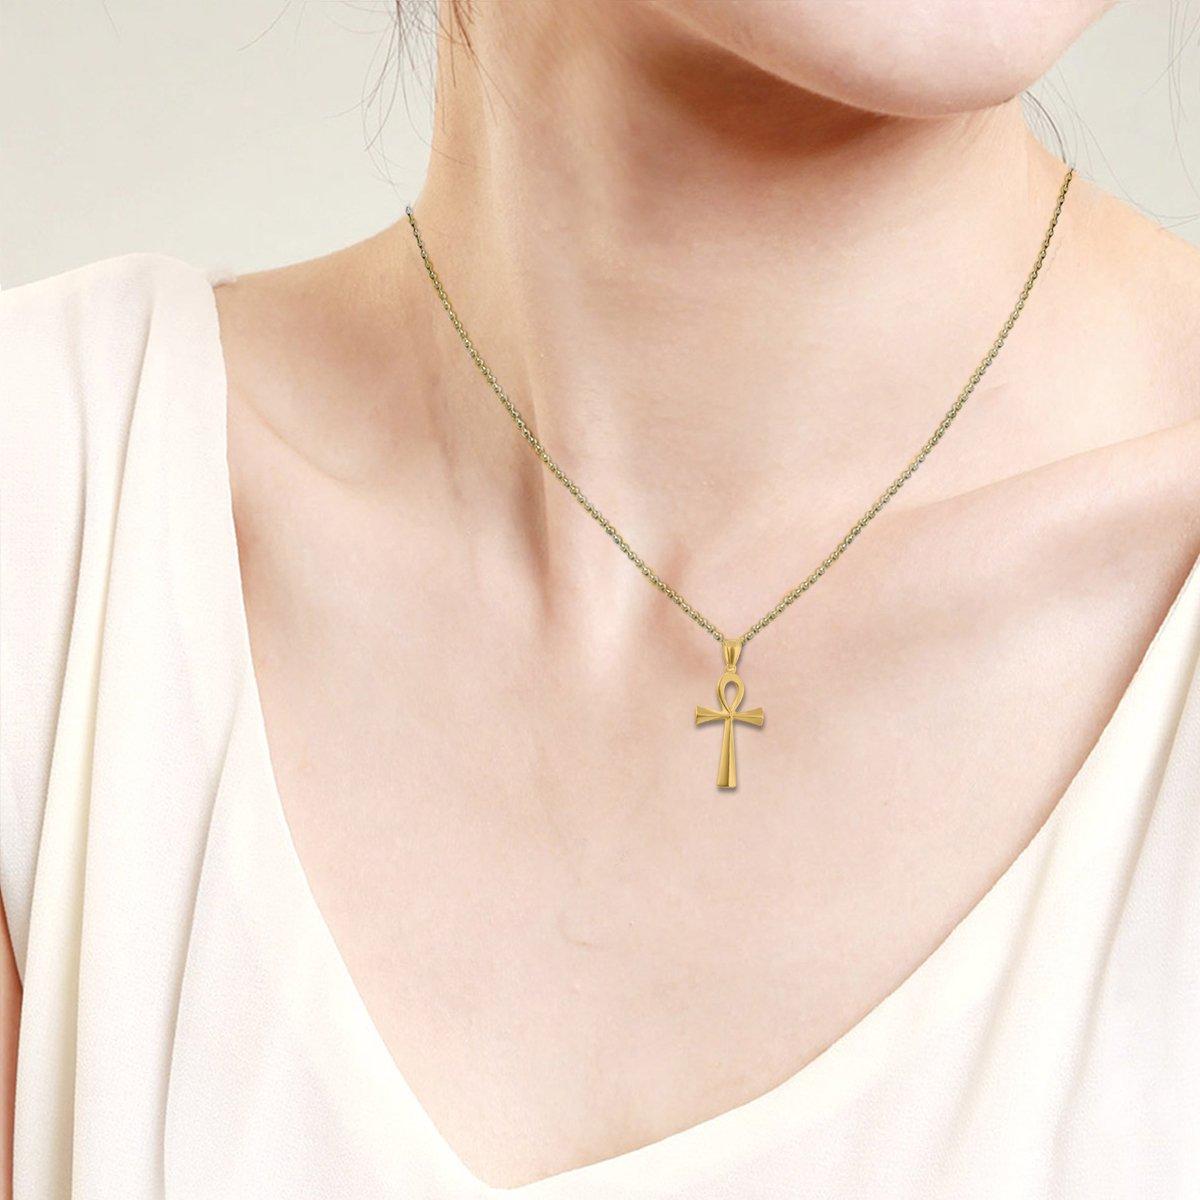 Flongo Colgante de Cruz Ankh Egipto Acero Inoxidable de Color Plata//Dorado Egipcio Collar para Hombre Mujer Retro Vintage Cadena 50cm